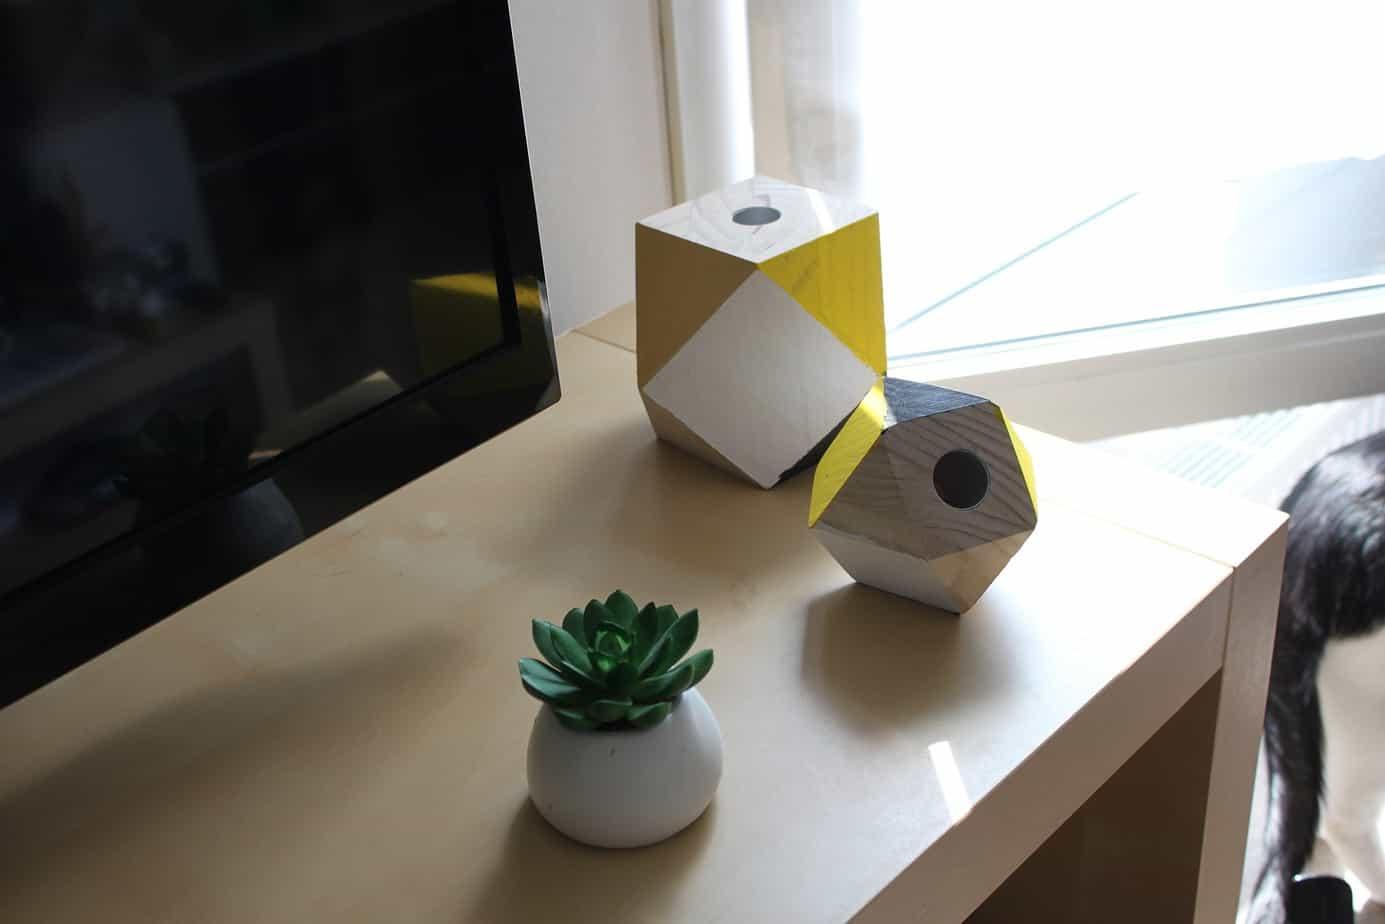 bougeoirs chez viviane 2048x1366 - DIY : des bougeoirs géométriques en bois